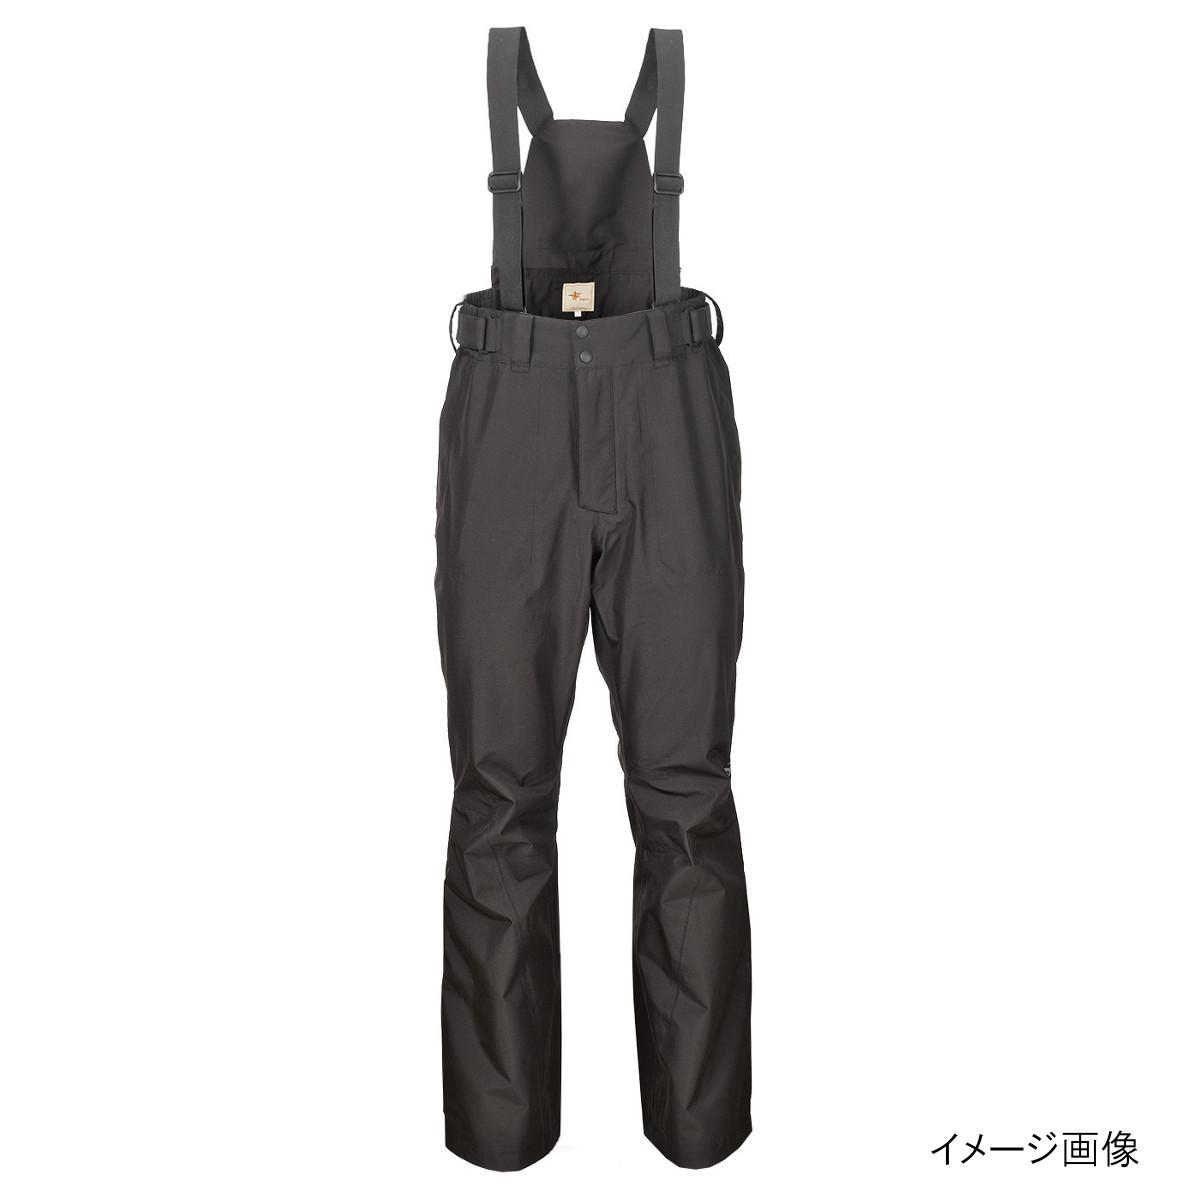 ストーミーDSパンツ M ブラック(東日本店)